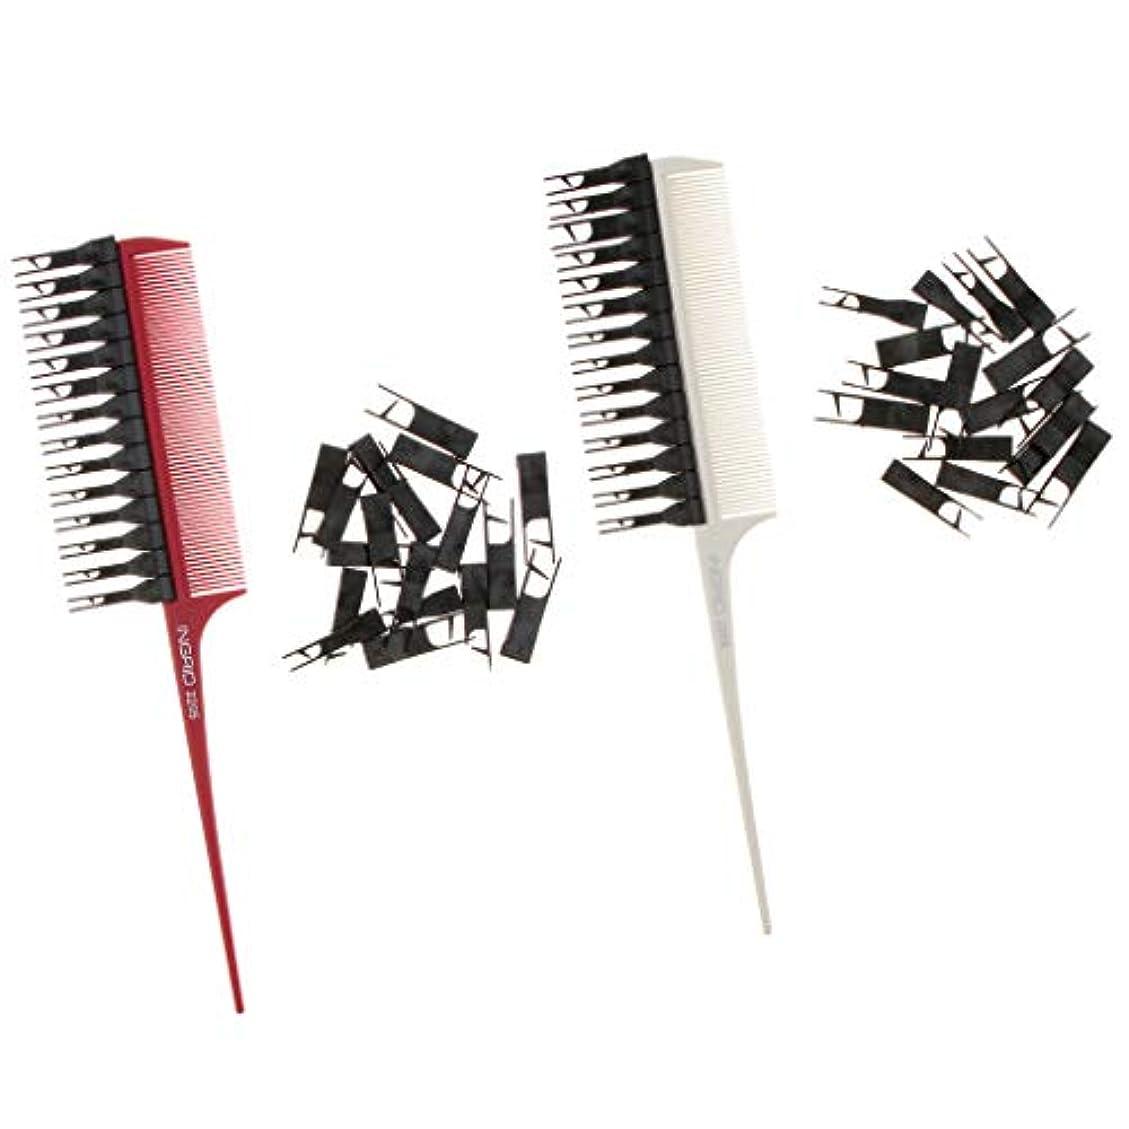 ブートお香不可能な2個 スハイライトコーム 交換用クリップ サロン ハイライト ヘアブラシ 髪染めブラシ